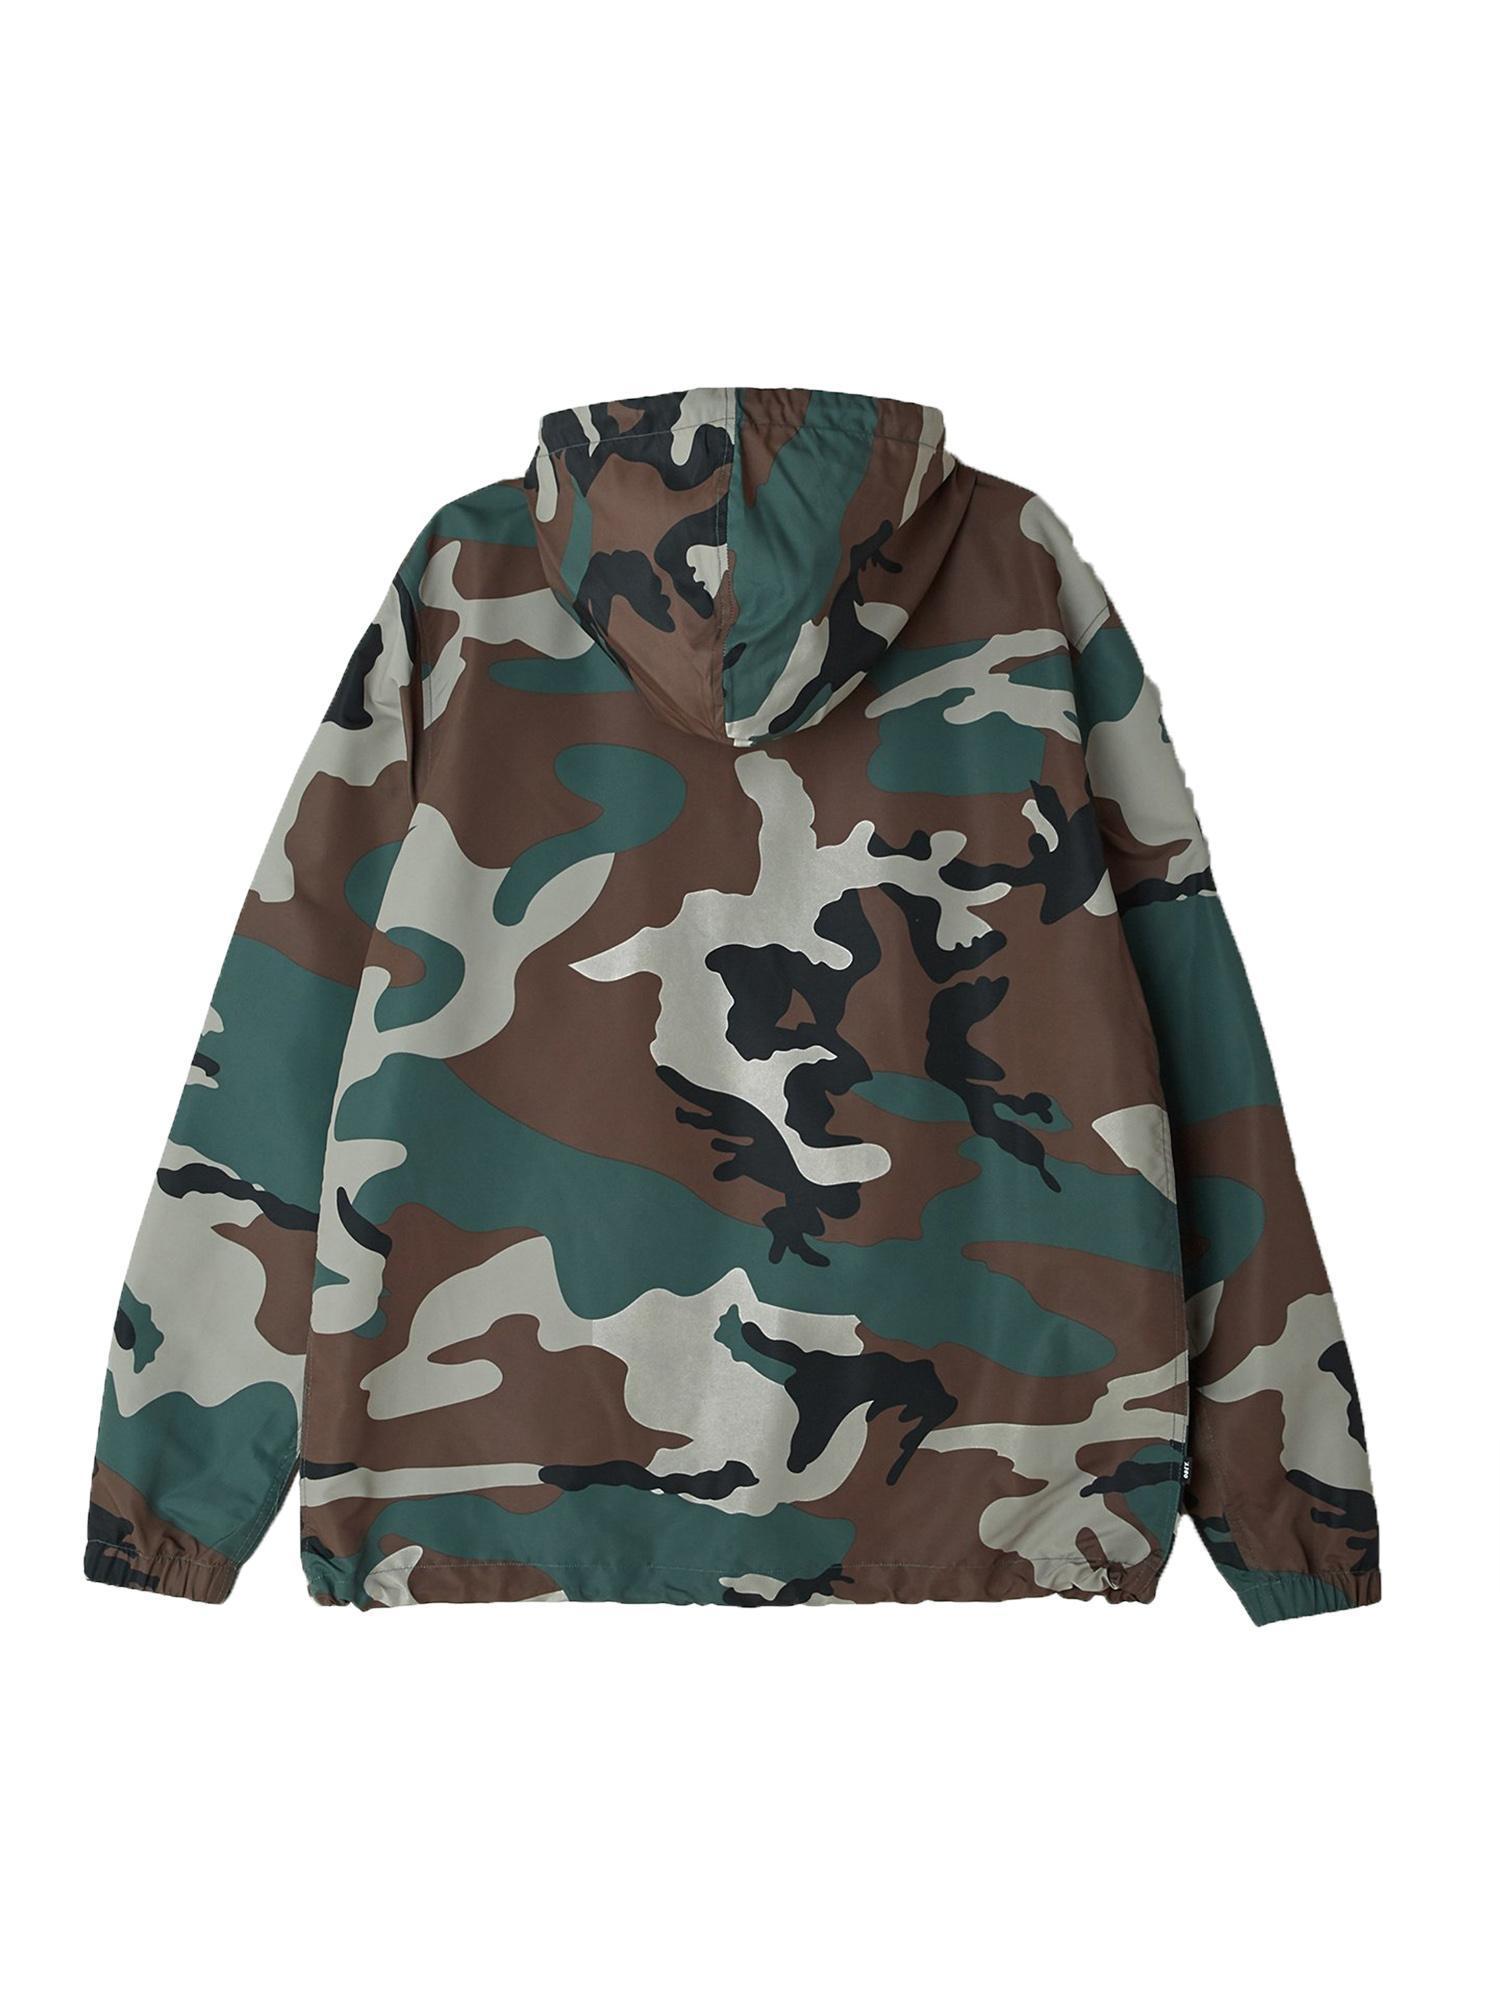 obey obey crosstown anorak giacchetto marsupio uomo militare